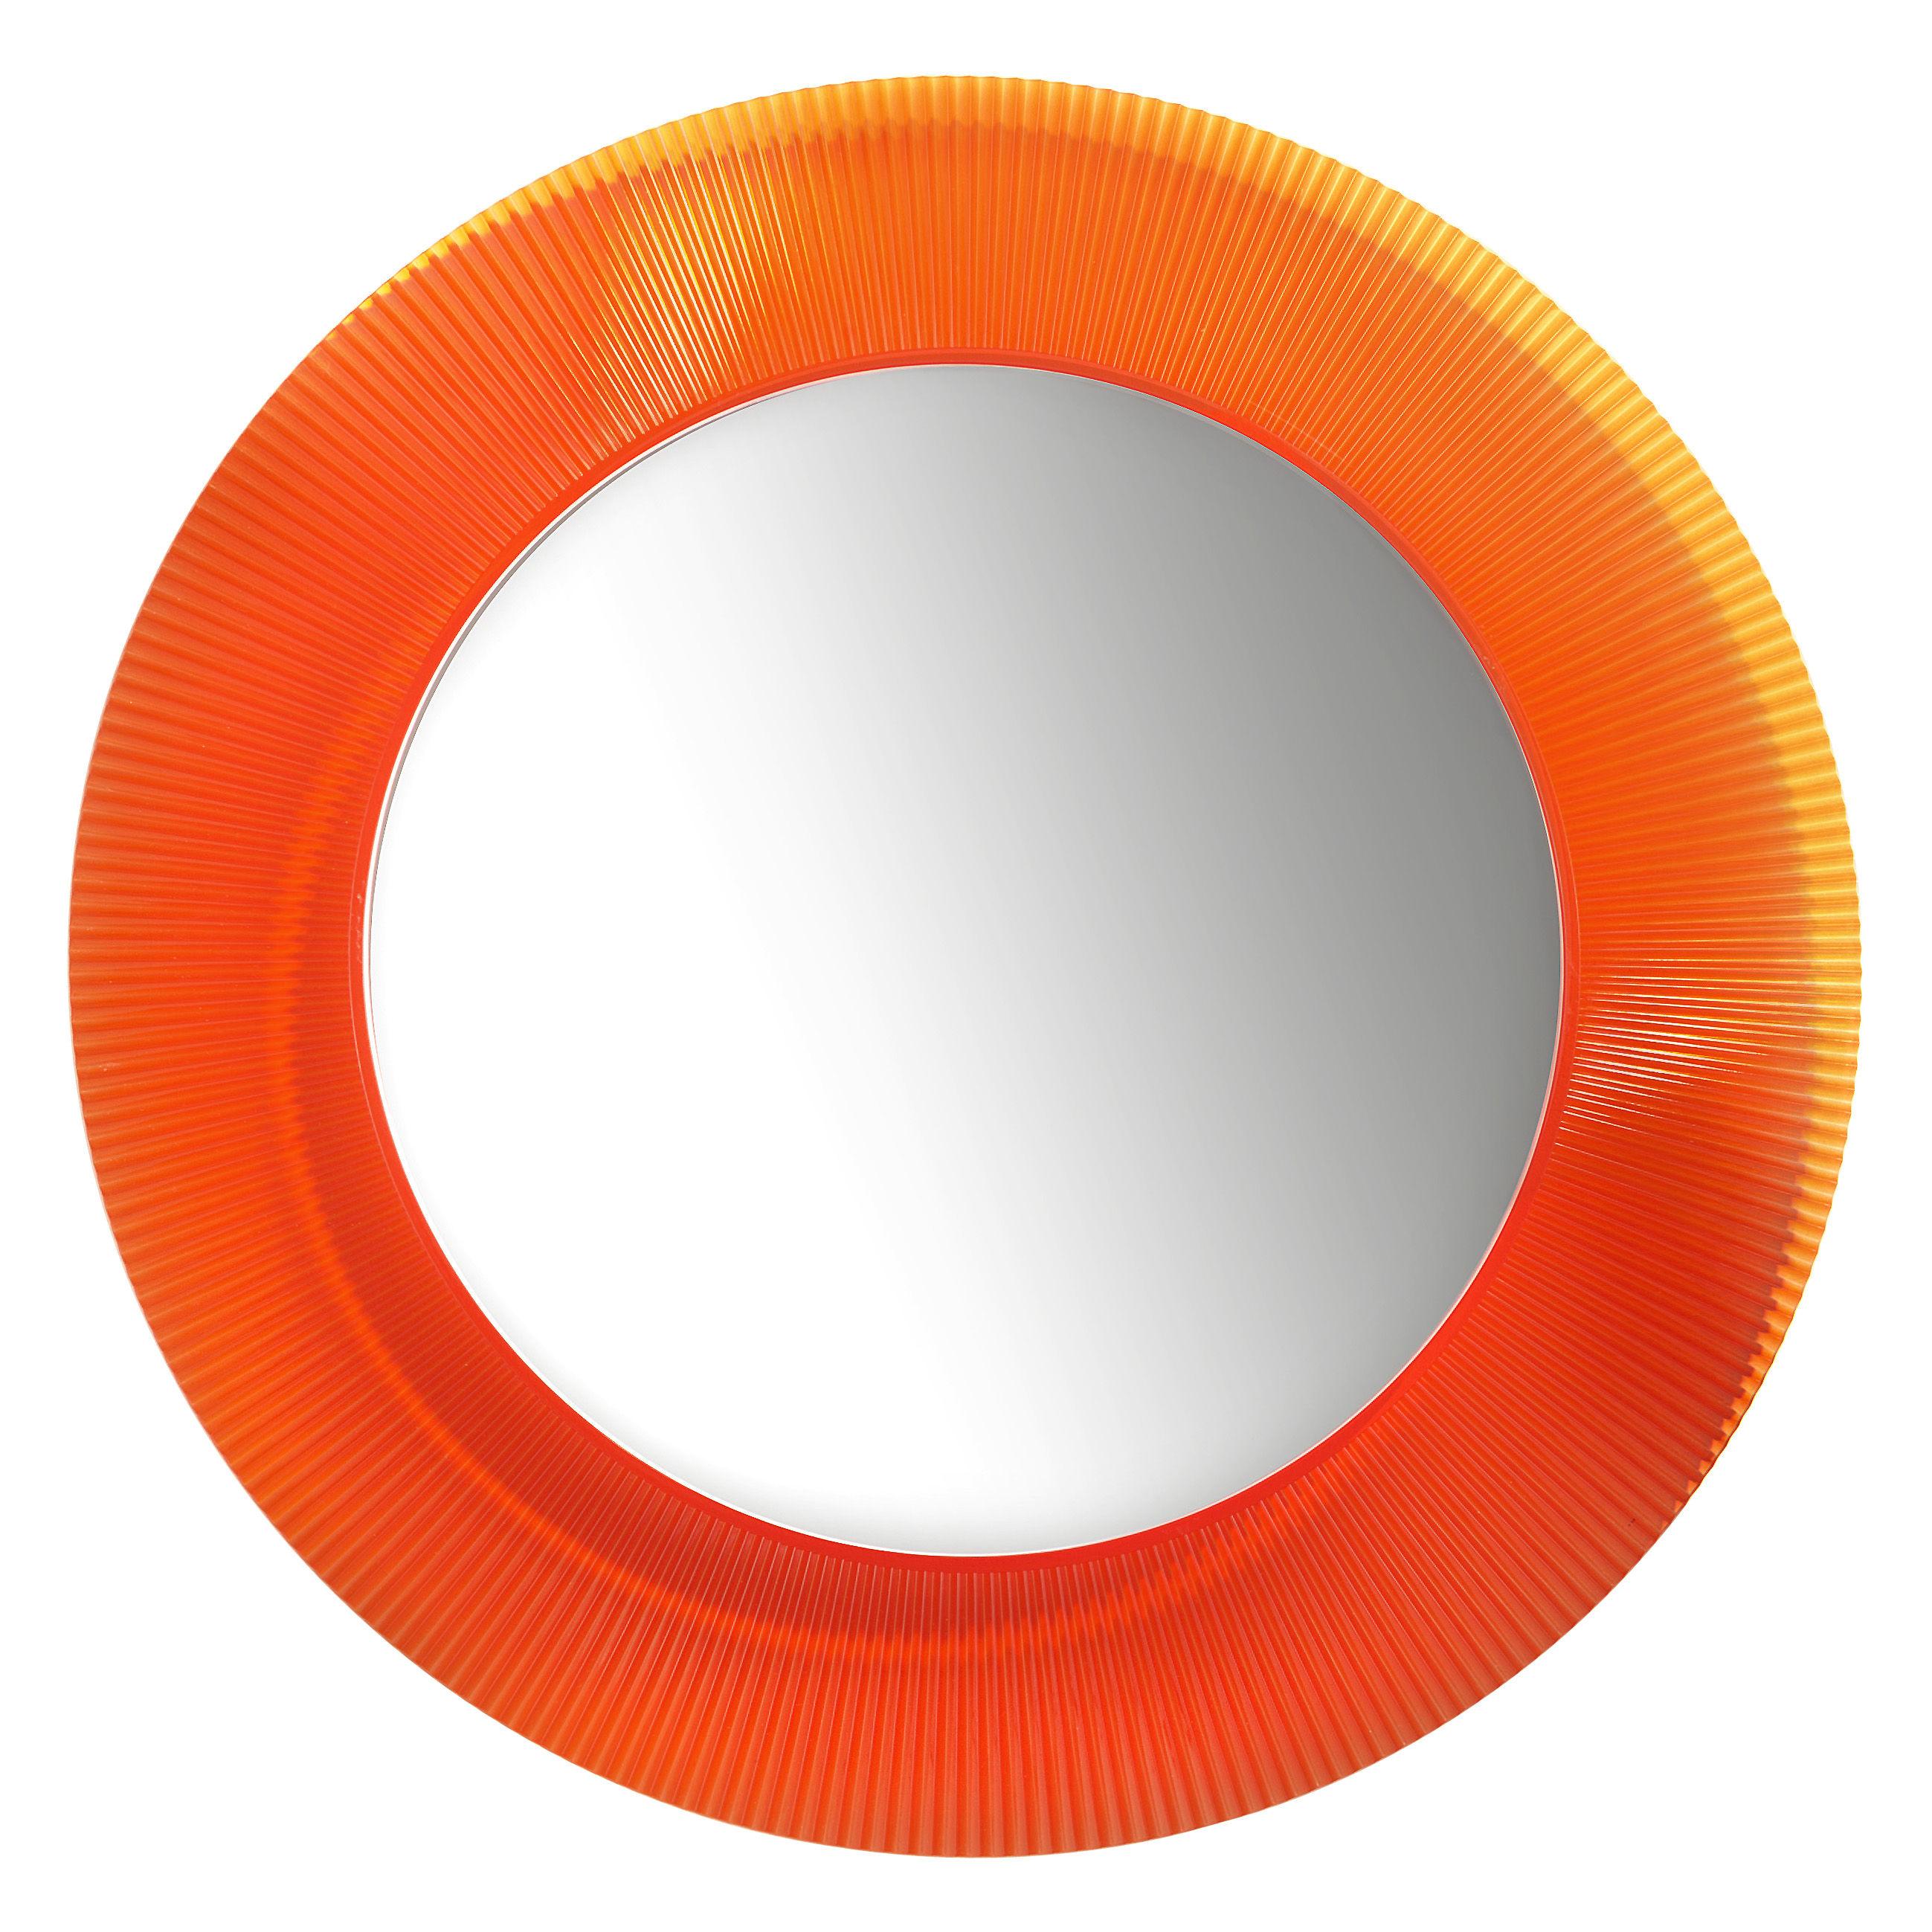 Accessoires - Accessoires salle de bains - Miroir mural All Saints / Ø 78 cm - Kartell - Orange tangerine - PMMA